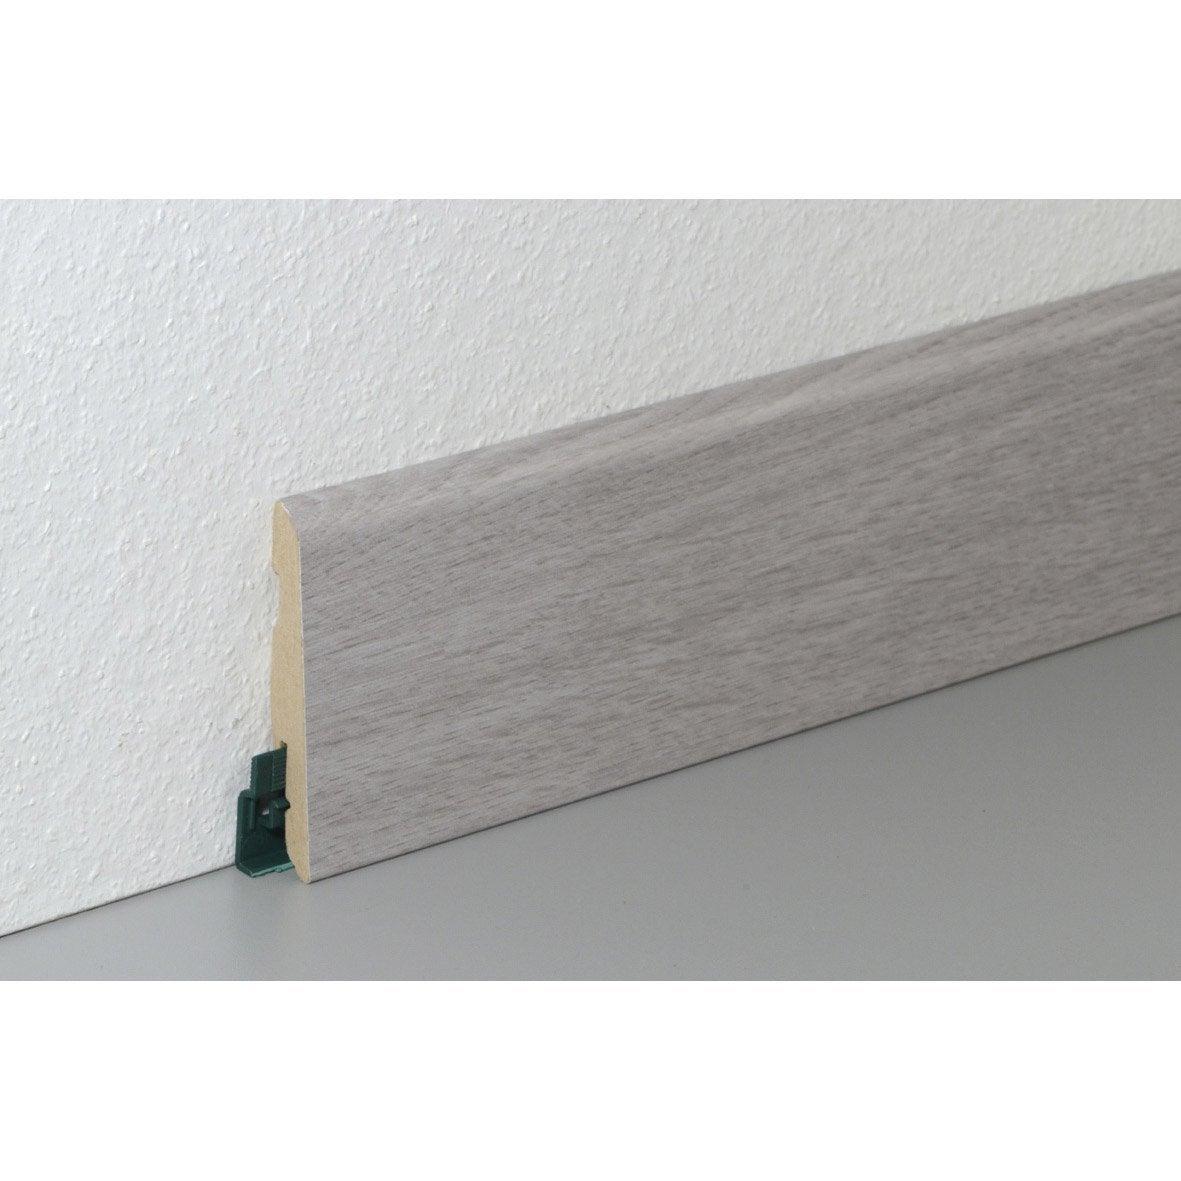 plinthe pour sol stratifi d cor ch ne gris 220 cm x 78 mm x 14 mm leroy merlin. Black Bedroom Furniture Sets. Home Design Ideas